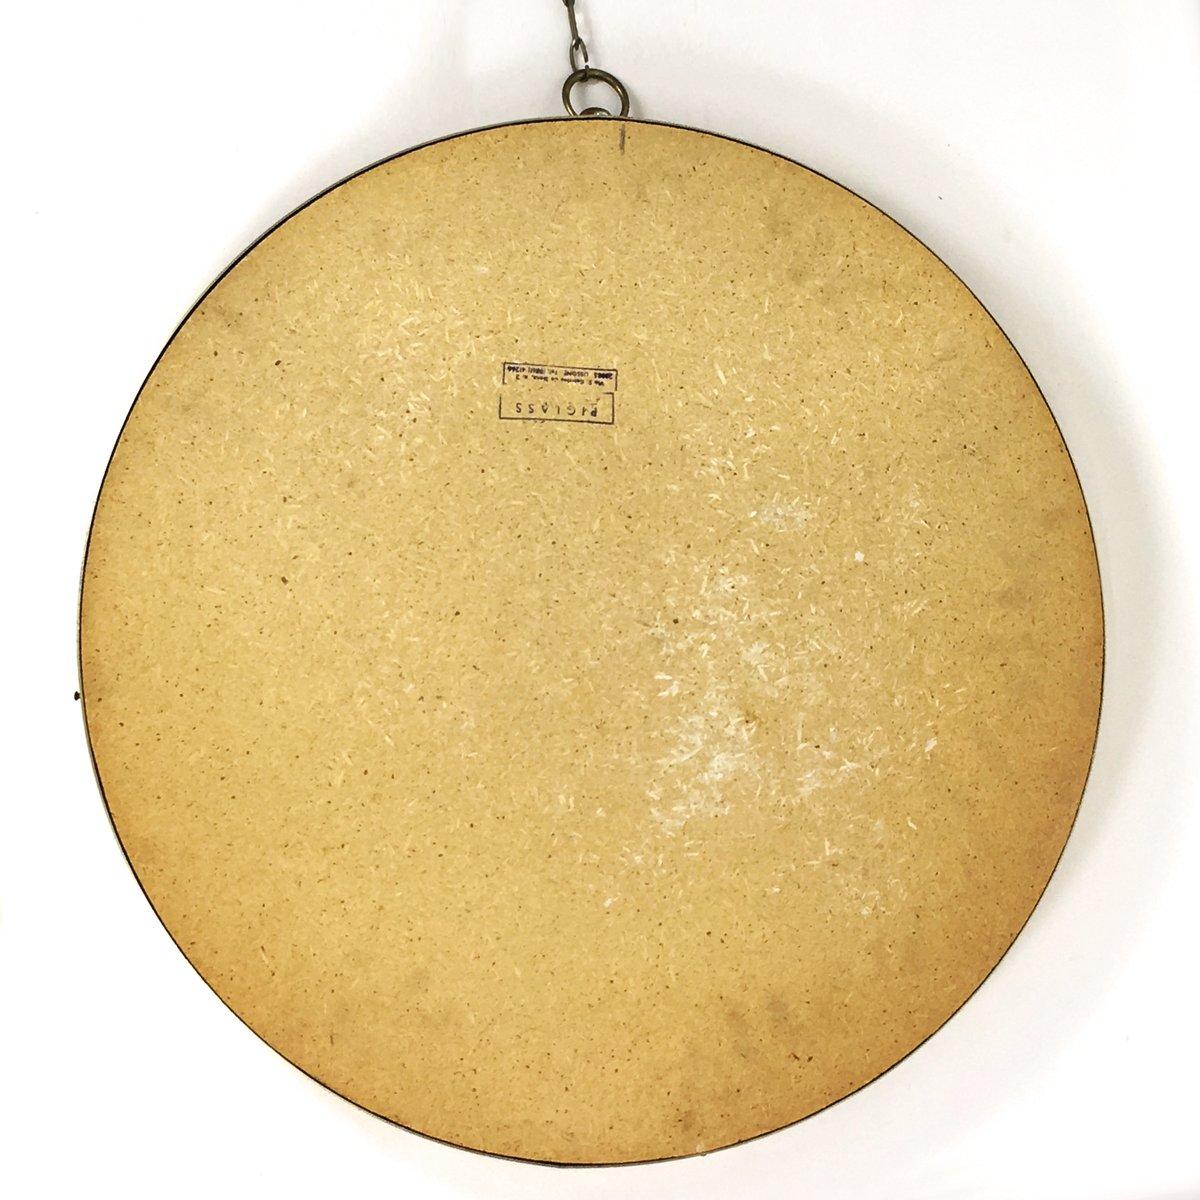 gro er vintage spiegel mit goldrahmen bei pamono kaufen. Black Bedroom Furniture Sets. Home Design Ideas